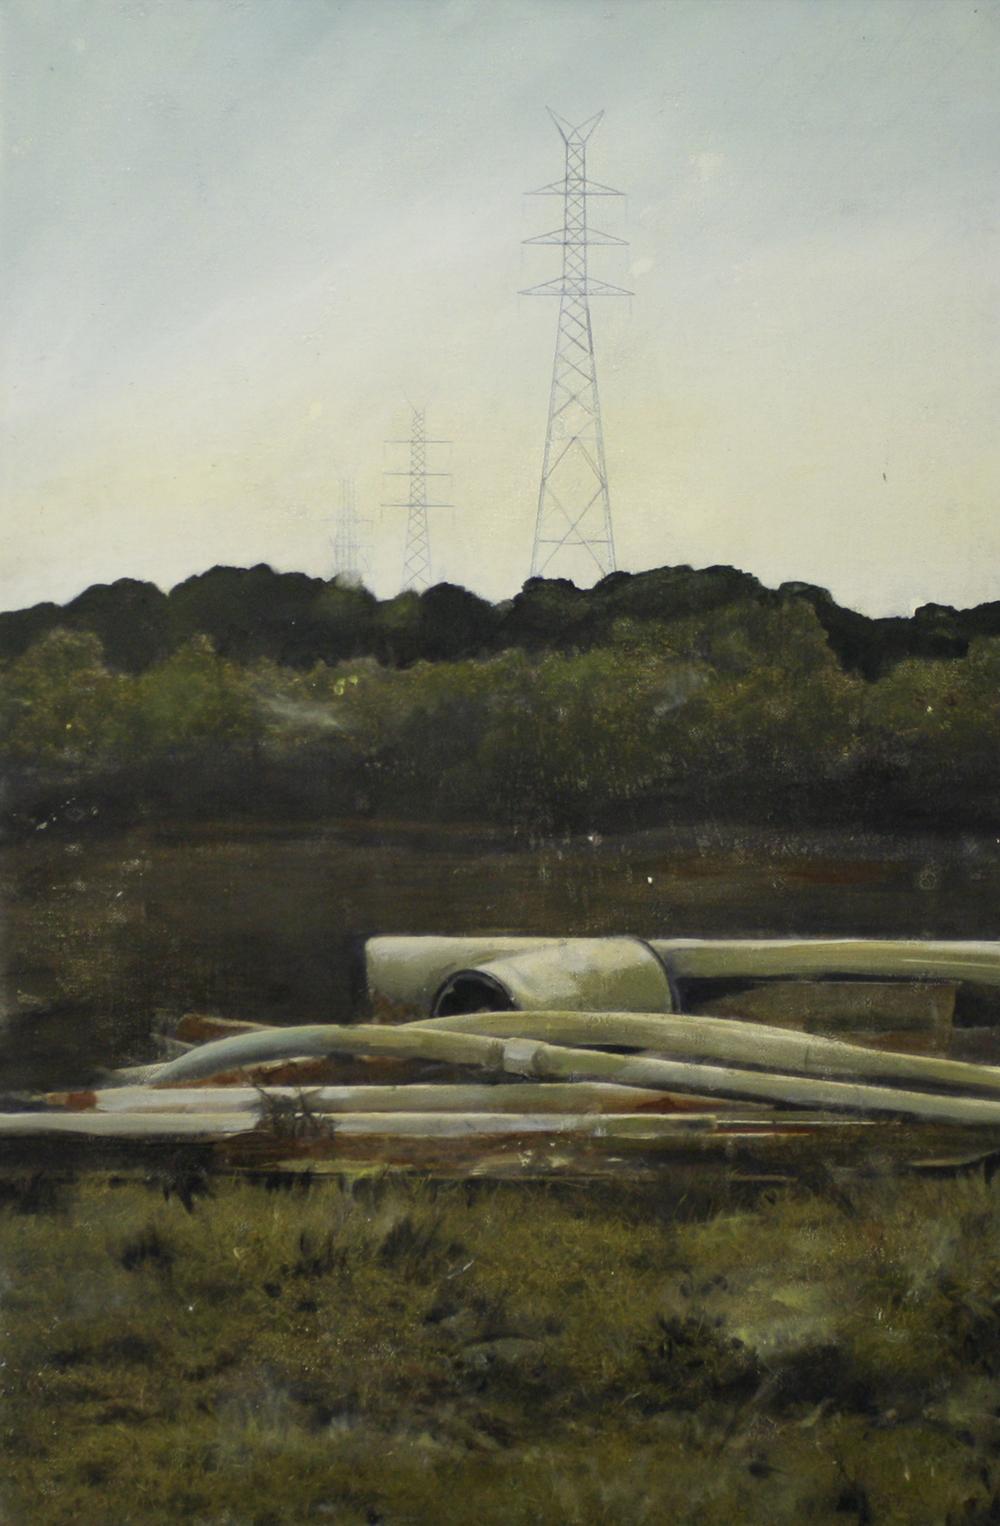 Edgeland 4    2012, oil on linen  50 x 76 cm